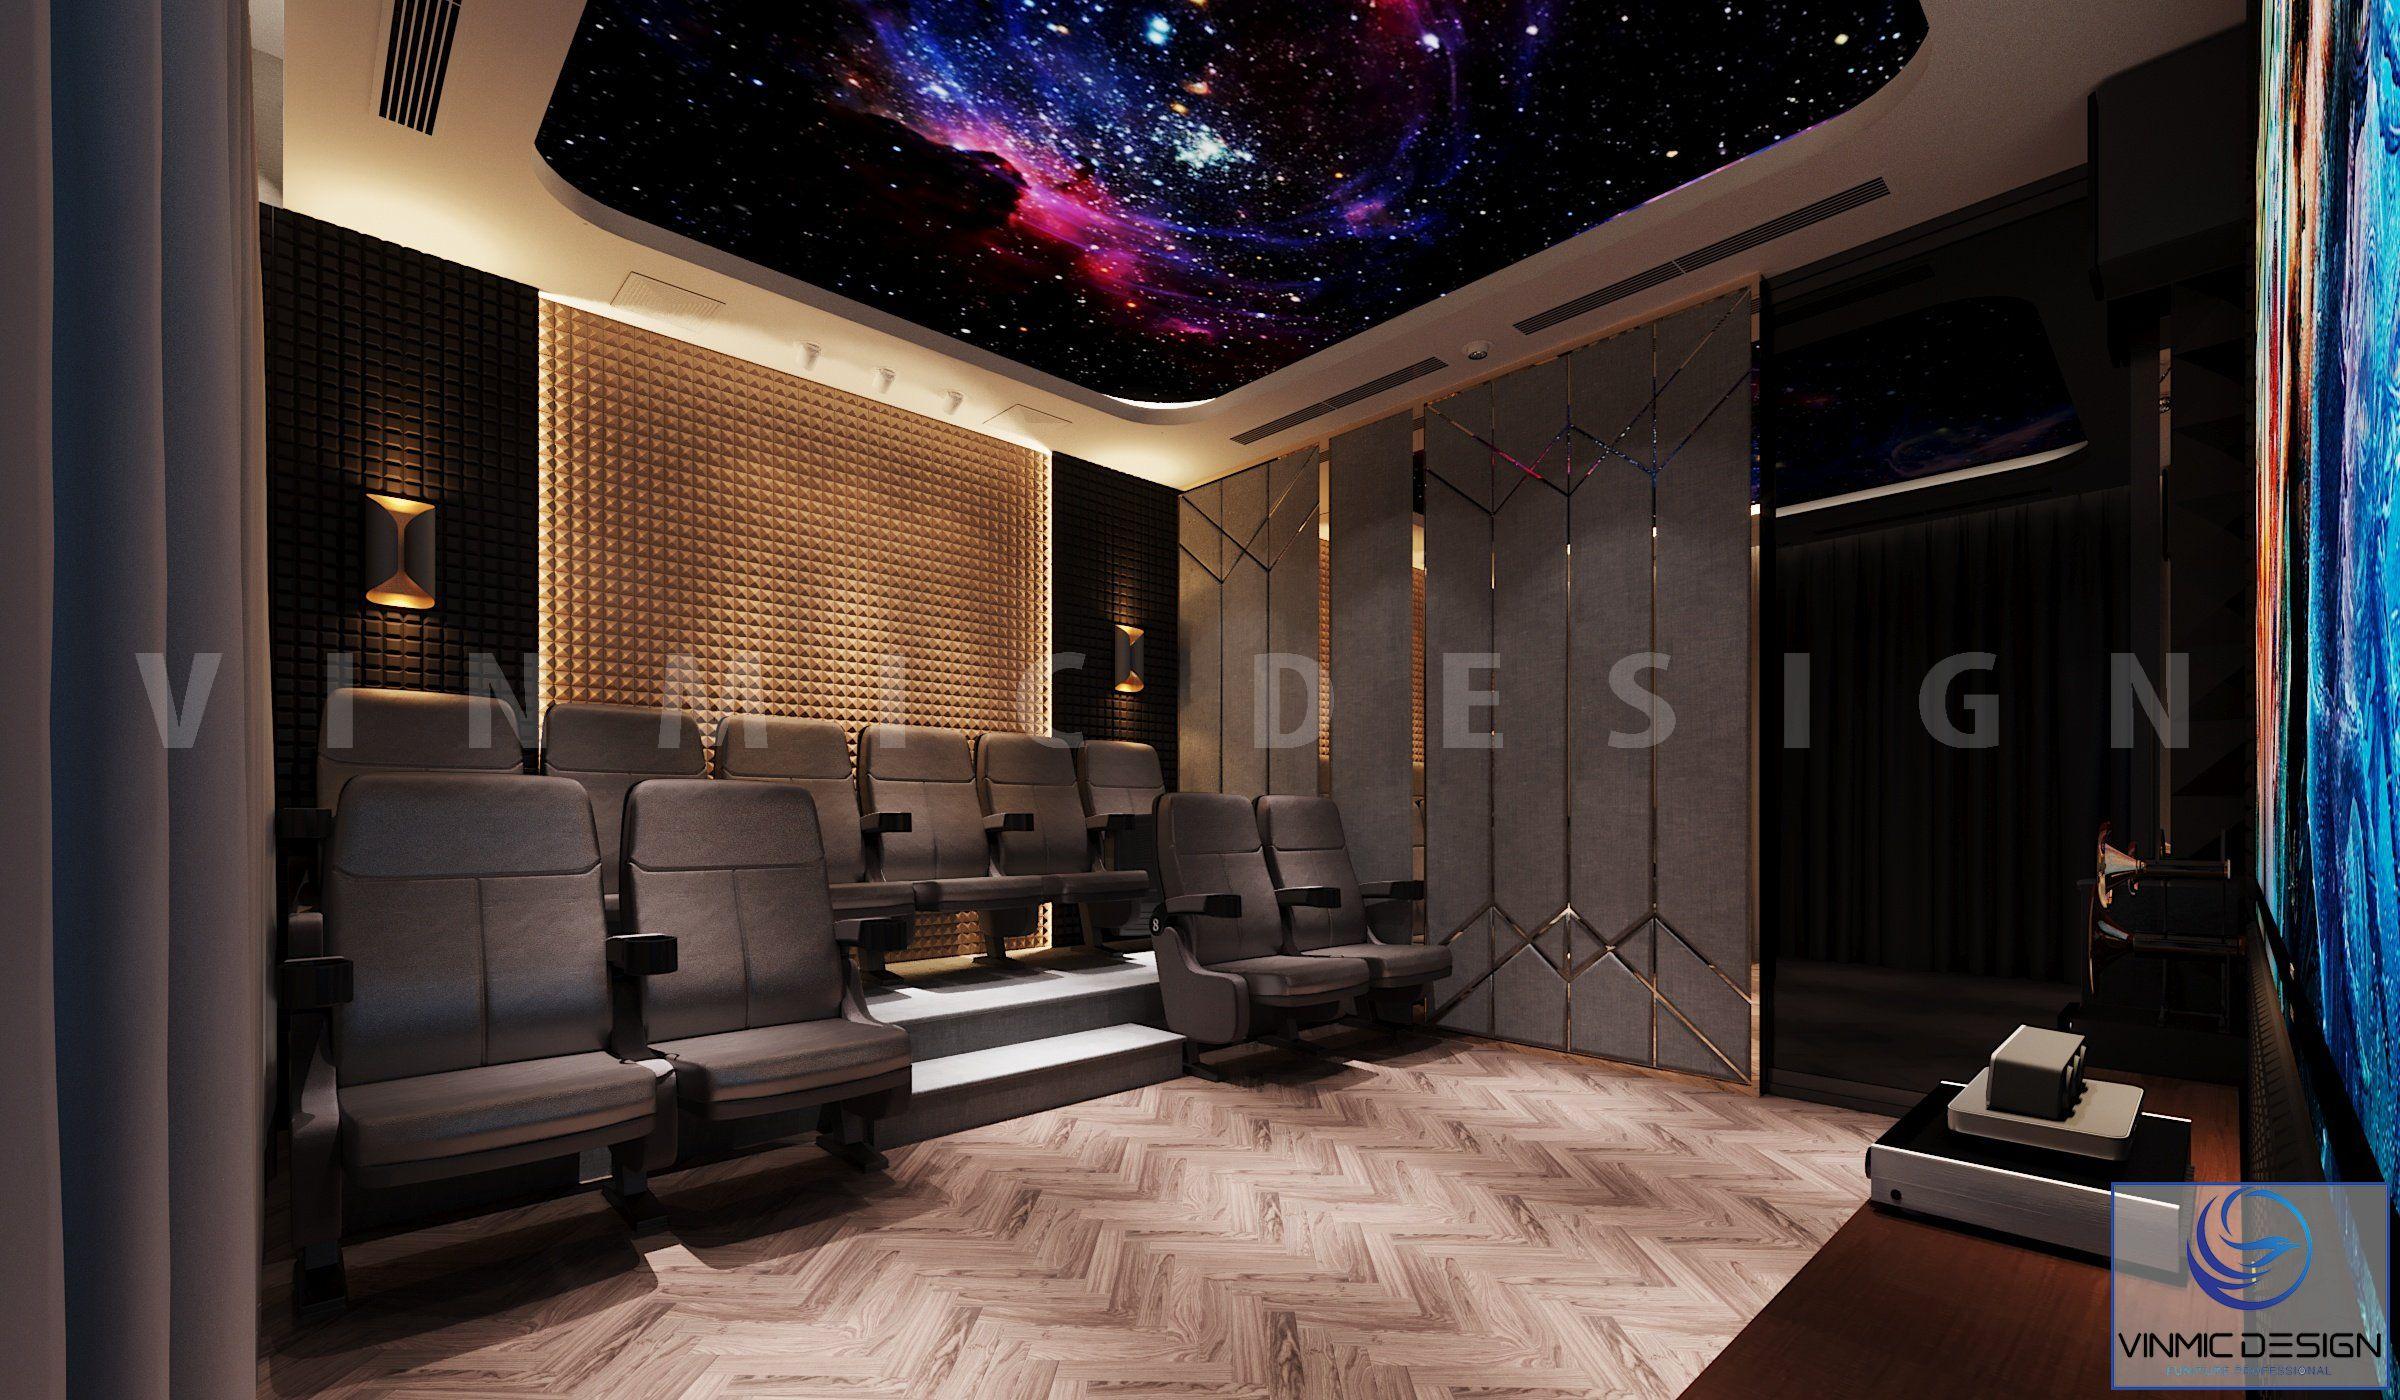 Thiết kế nội thất phòng chiếu phim mini đẹp tại biệt thự Vinhomes Imperia Hải Phòng